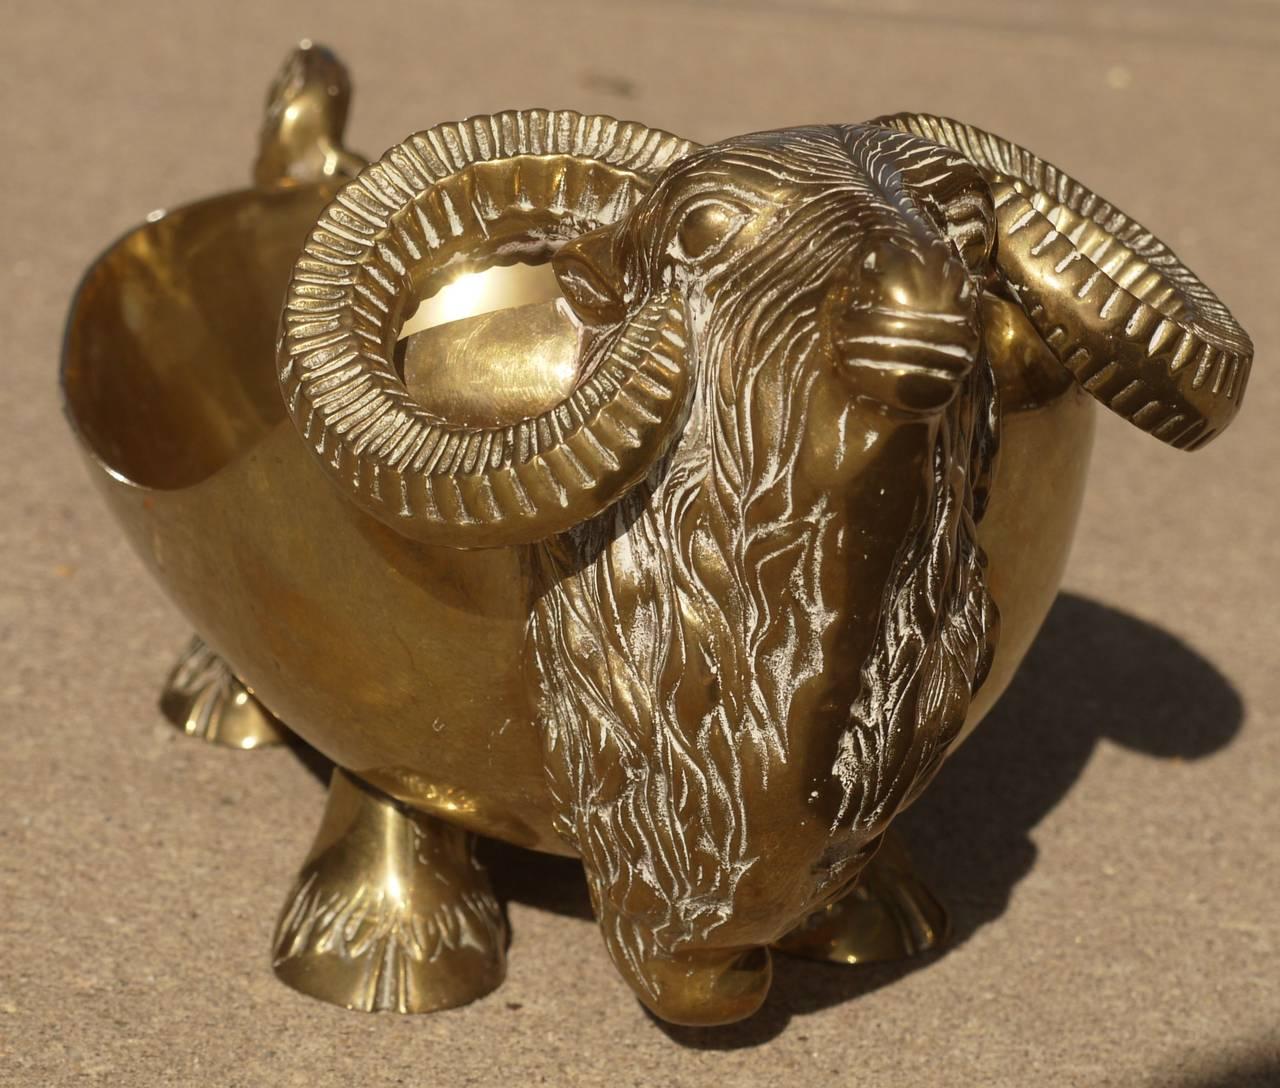 Unique Brass Oxen Bowl In Excellent Condition For Sale In Kilmarnock, VA